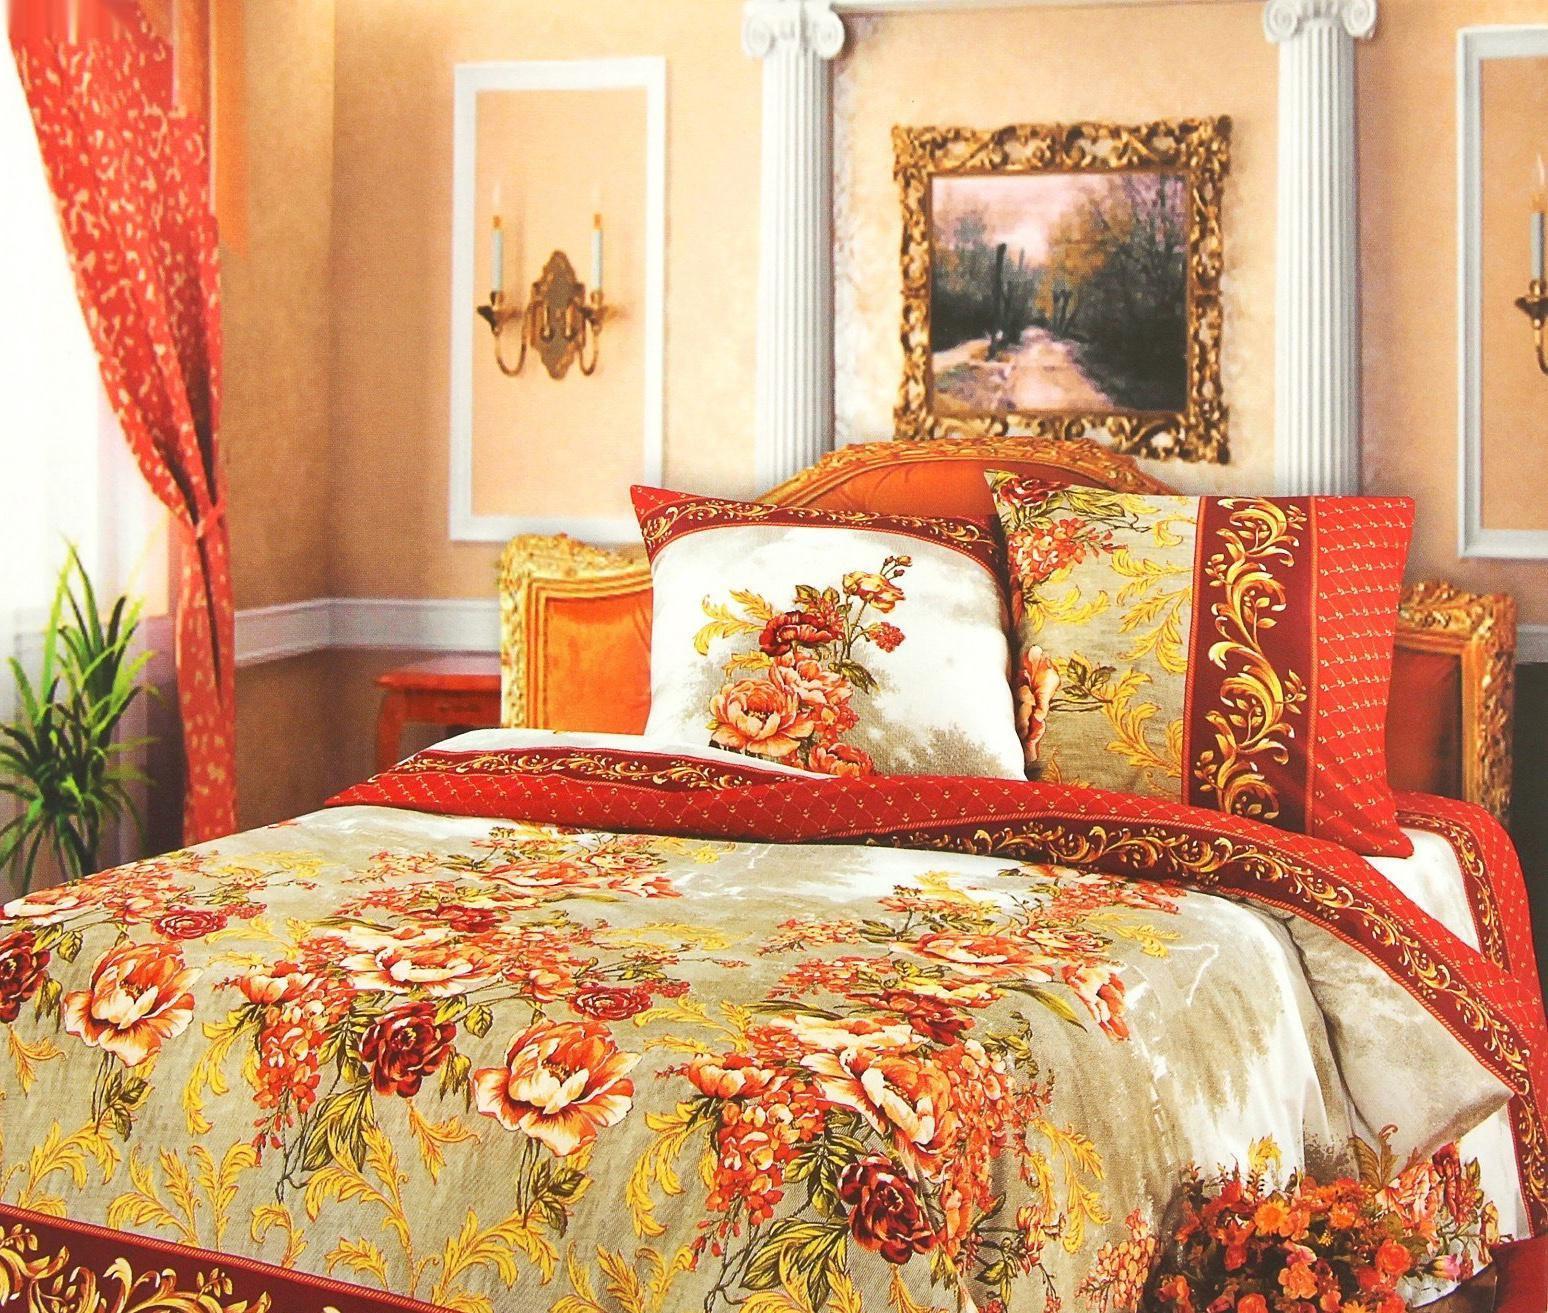 Комплект белья Арт Постель Гобелен (2-х спальный КПБ, бязь-люкс, наволочки 70х70), цвет: красный391602Комплект постельного белья Арт Постель Гобелен является экологически безопасным для всей семьи, так как выполнен из натурального хлопка. Комплект состоит из пододеяльника, простыни и двух наволочек. Постельное белье оформлено оригинальным рисунком и имеет изысканный внешний вид. Для производства постельного белья используются экологичные ткани высочайшего качества. Бязь - хлопчатобумажная плотная ткань полотняного переплетения. Отличается прочностью и стойкостью к многочисленным стиркам. Бязь считается одной из наиболее подходящих тканей, для производства постельного белья и пользуется в России большим спросом. Характеристики: Страна: Россия. Материал: бязь-люкс (100% хлопок). Размер упаковки: 36 см х 27 см х 6 см. В комплект входят: Пододеяльник - 1 шт. Размер: 217 см х 175 см. Простыня - 1 шт. Размер: 220 см х 200 см. Наволочка - 2 шт. Размер: 70 см х 70 см.